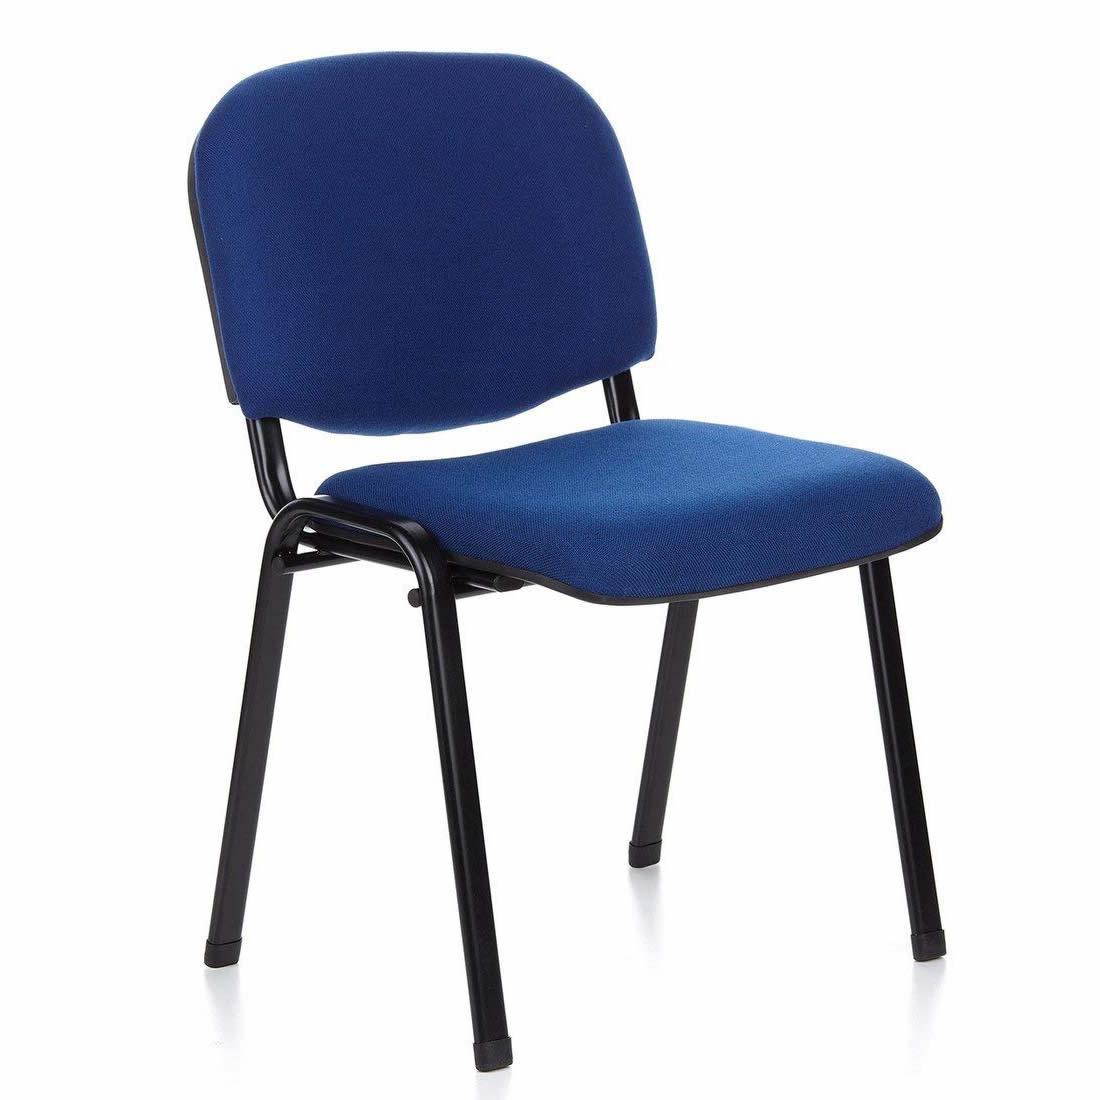 Sedie Per Pc Prezzi.Hjh Office Xt 600 Poltrona Ufficio Opinioni E Prezzi